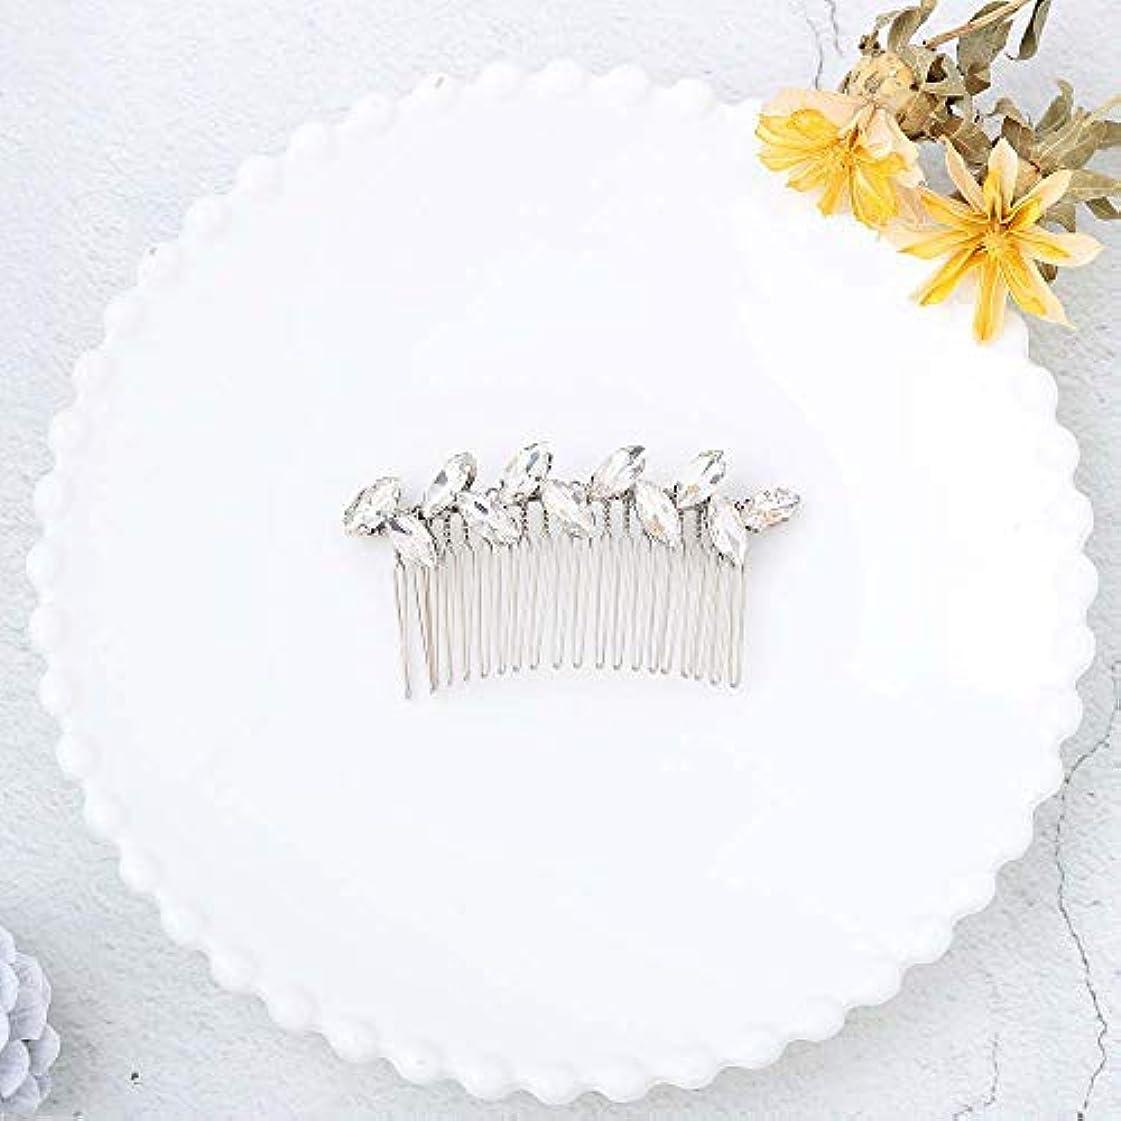 趣味汚染する株式会社Jovono Bride Wedding Hair Comb Bridal Headpieces with White Rhinestone for Women and Girls (Silver) [並行輸入品]